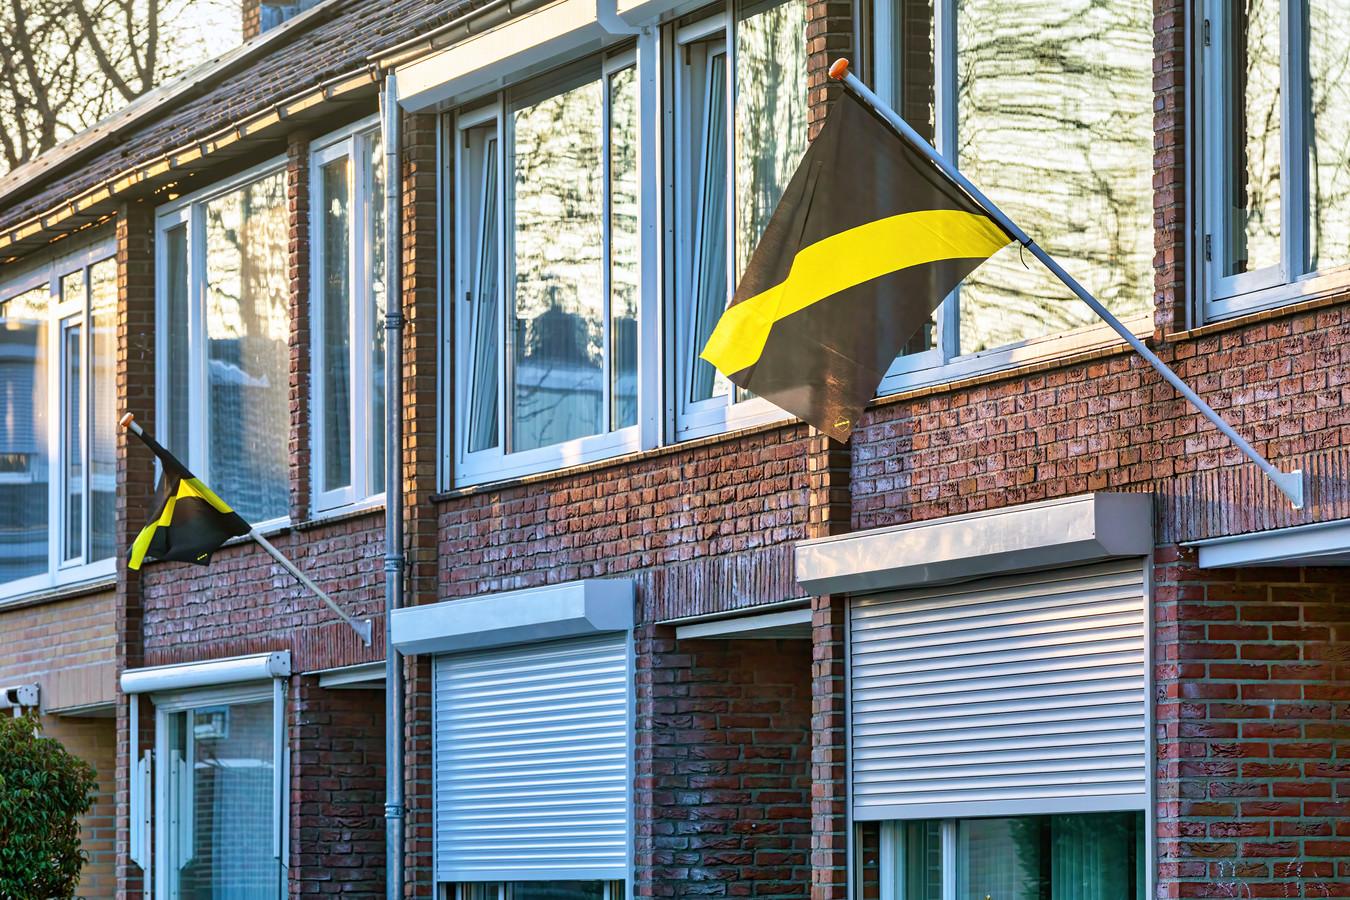 Voetbalvereniging NAC Breda heeft haar supporters vlaggen opgestuurd met het verzoek die buiten te hangen op wedstrijddagen. In de Jasmijnstraat in Breda hingeren er links en rechts wat buiten.